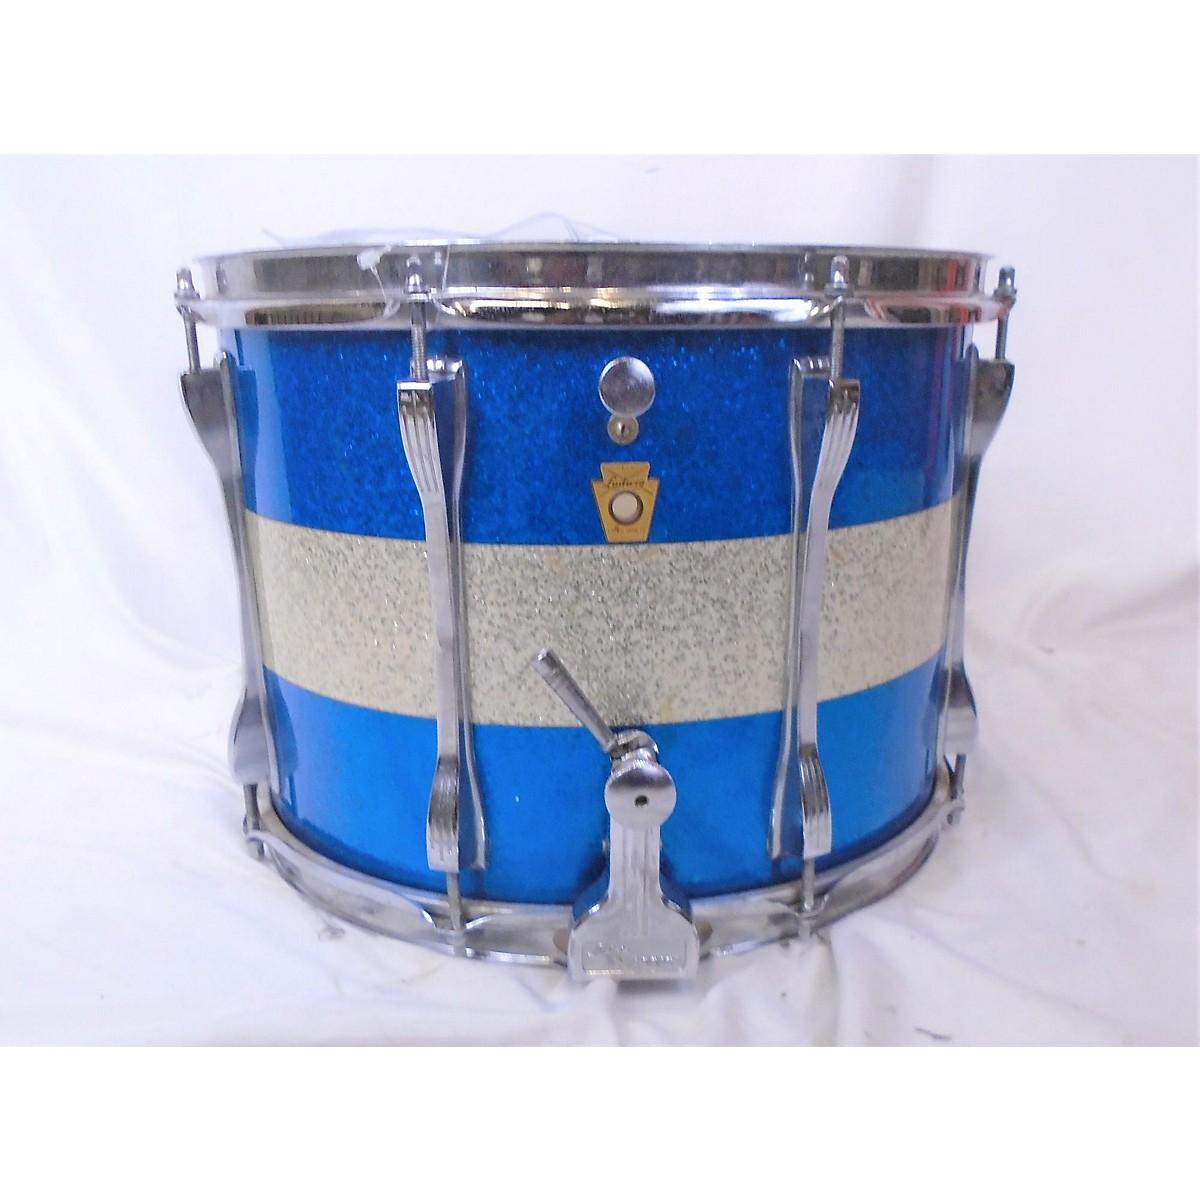 Ludwig 1960s 14X10 1960s Super Classic Drum